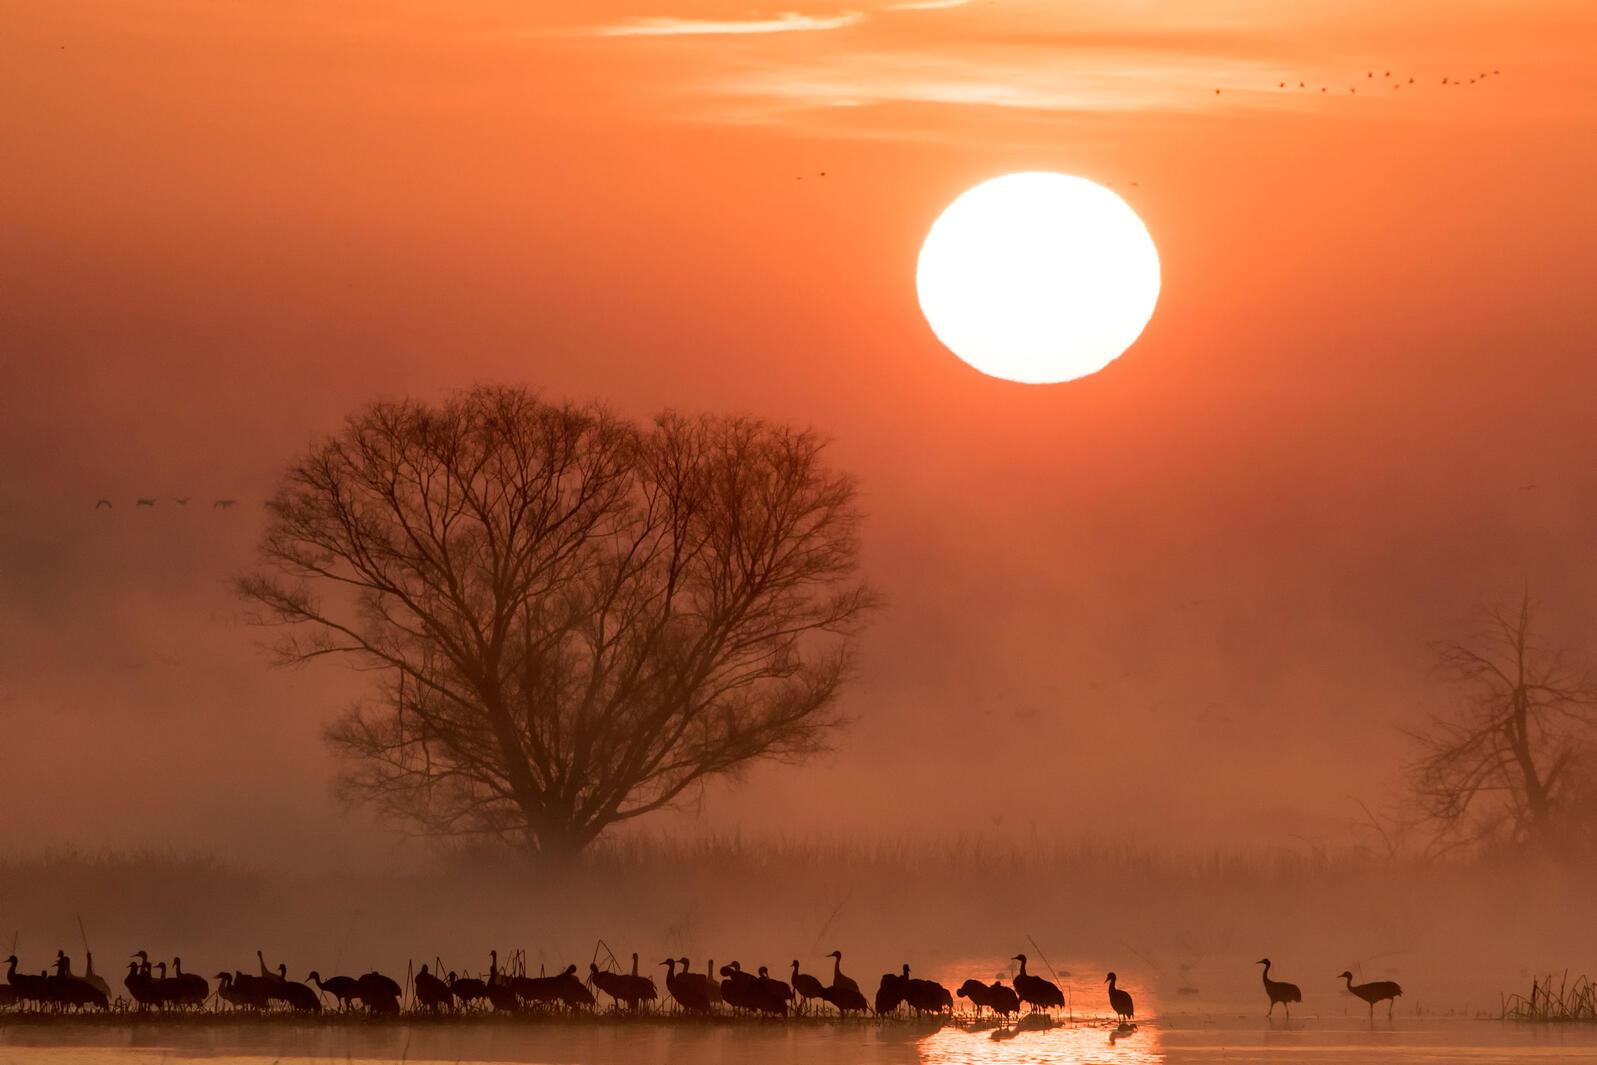 Sandhill Cranes. Donald Quintana/Audubon Photography Awards